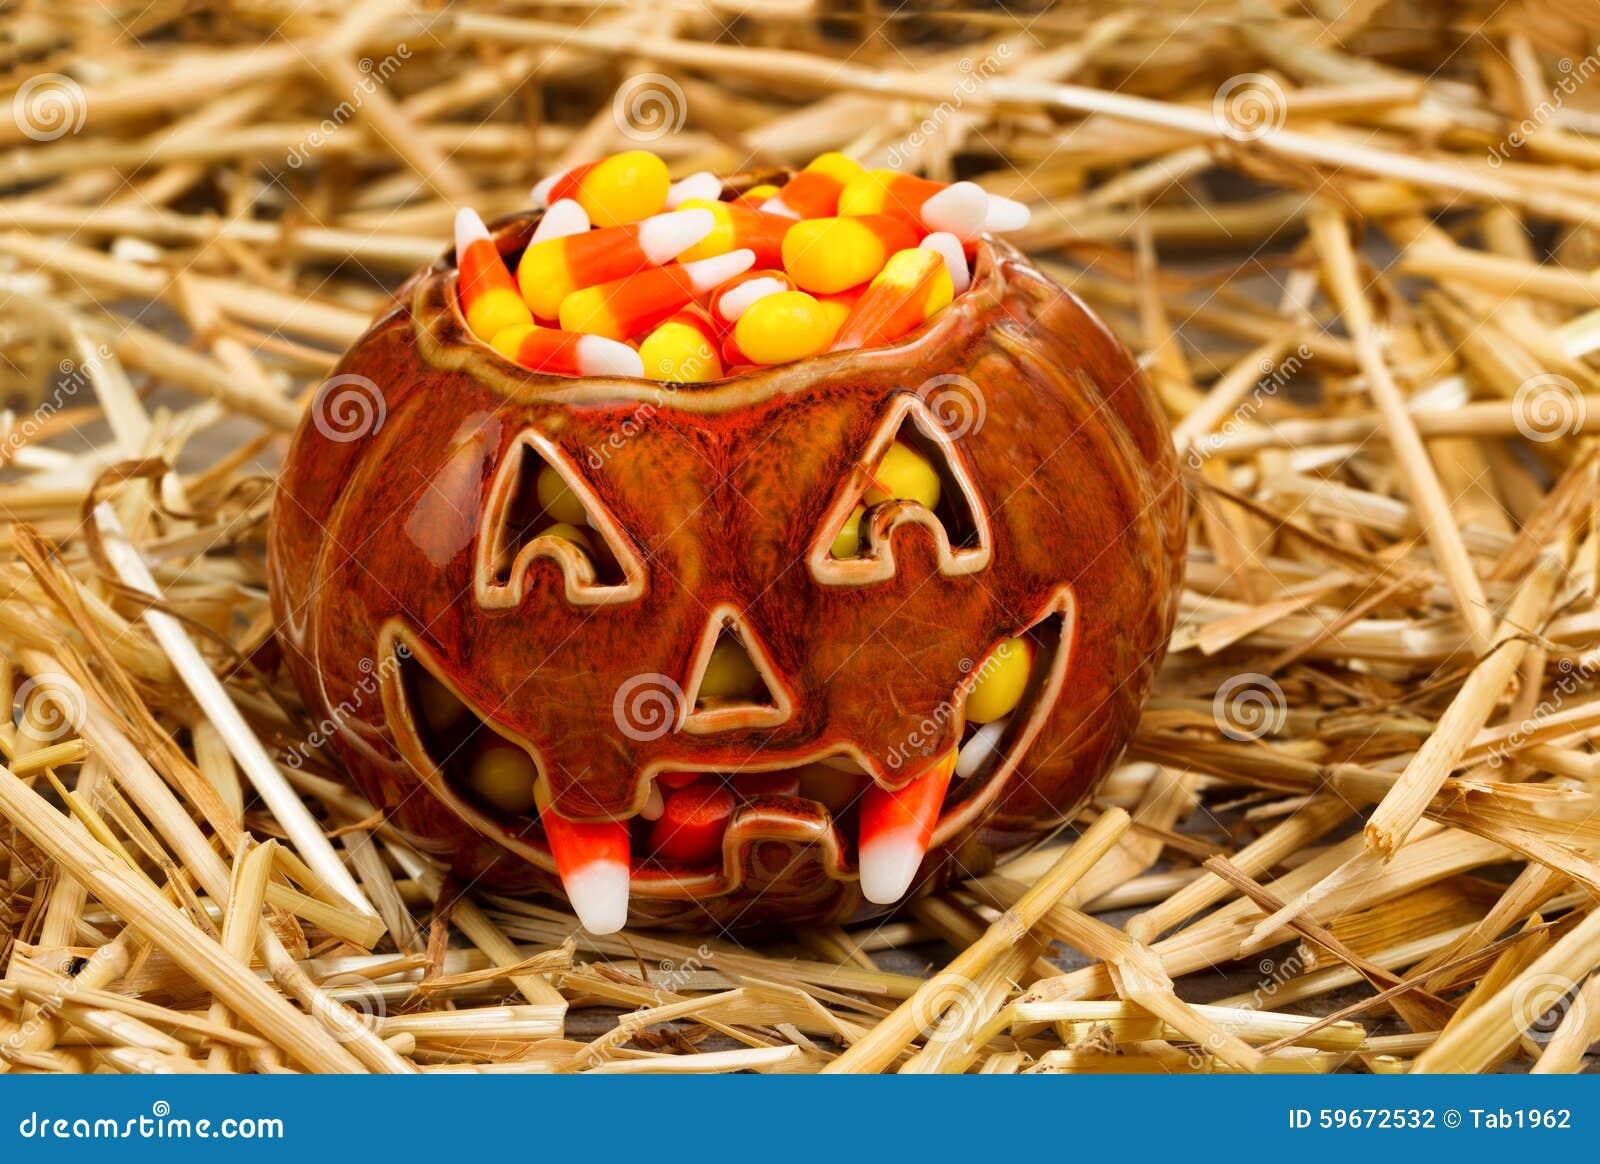 Potiron fantasmagorique rempli de bonbons au maïs sur la paille